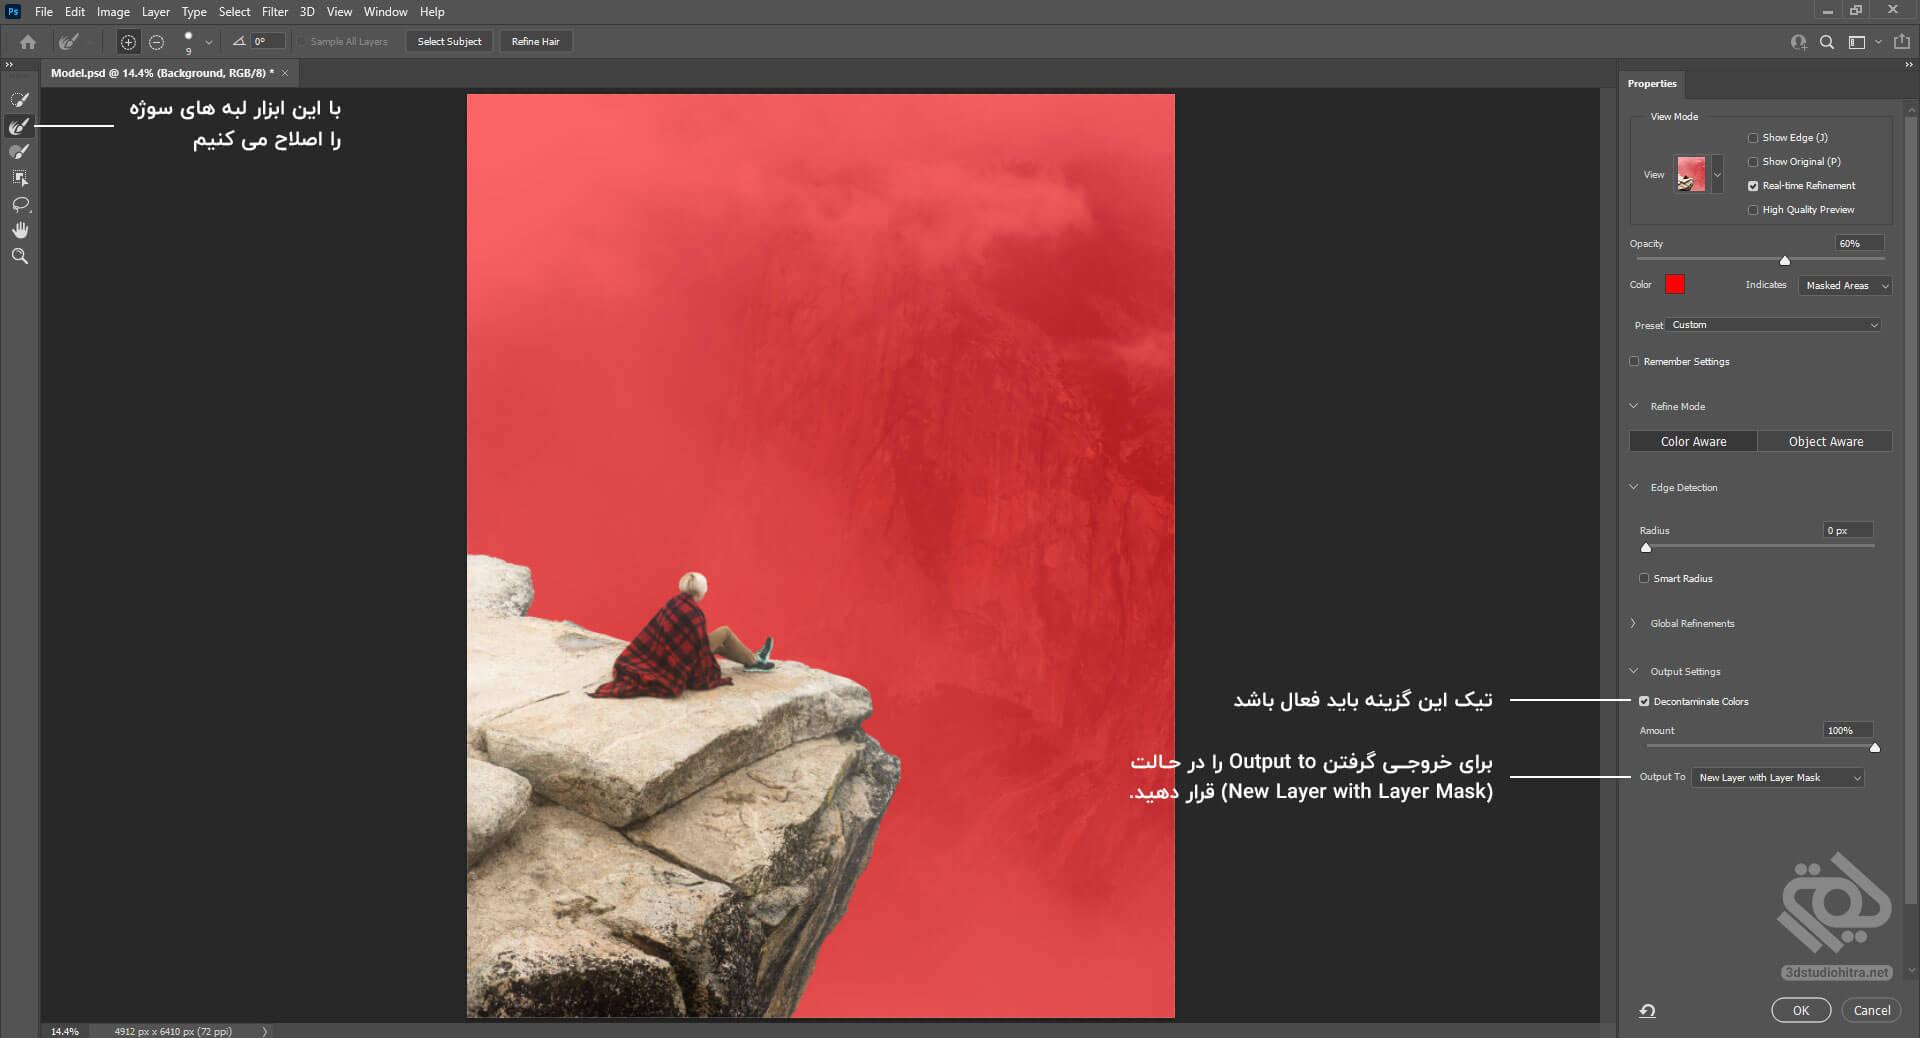 اصلاح محدوده انتخابی جهت تغییر پس زمینه عکس در فتوشاپ